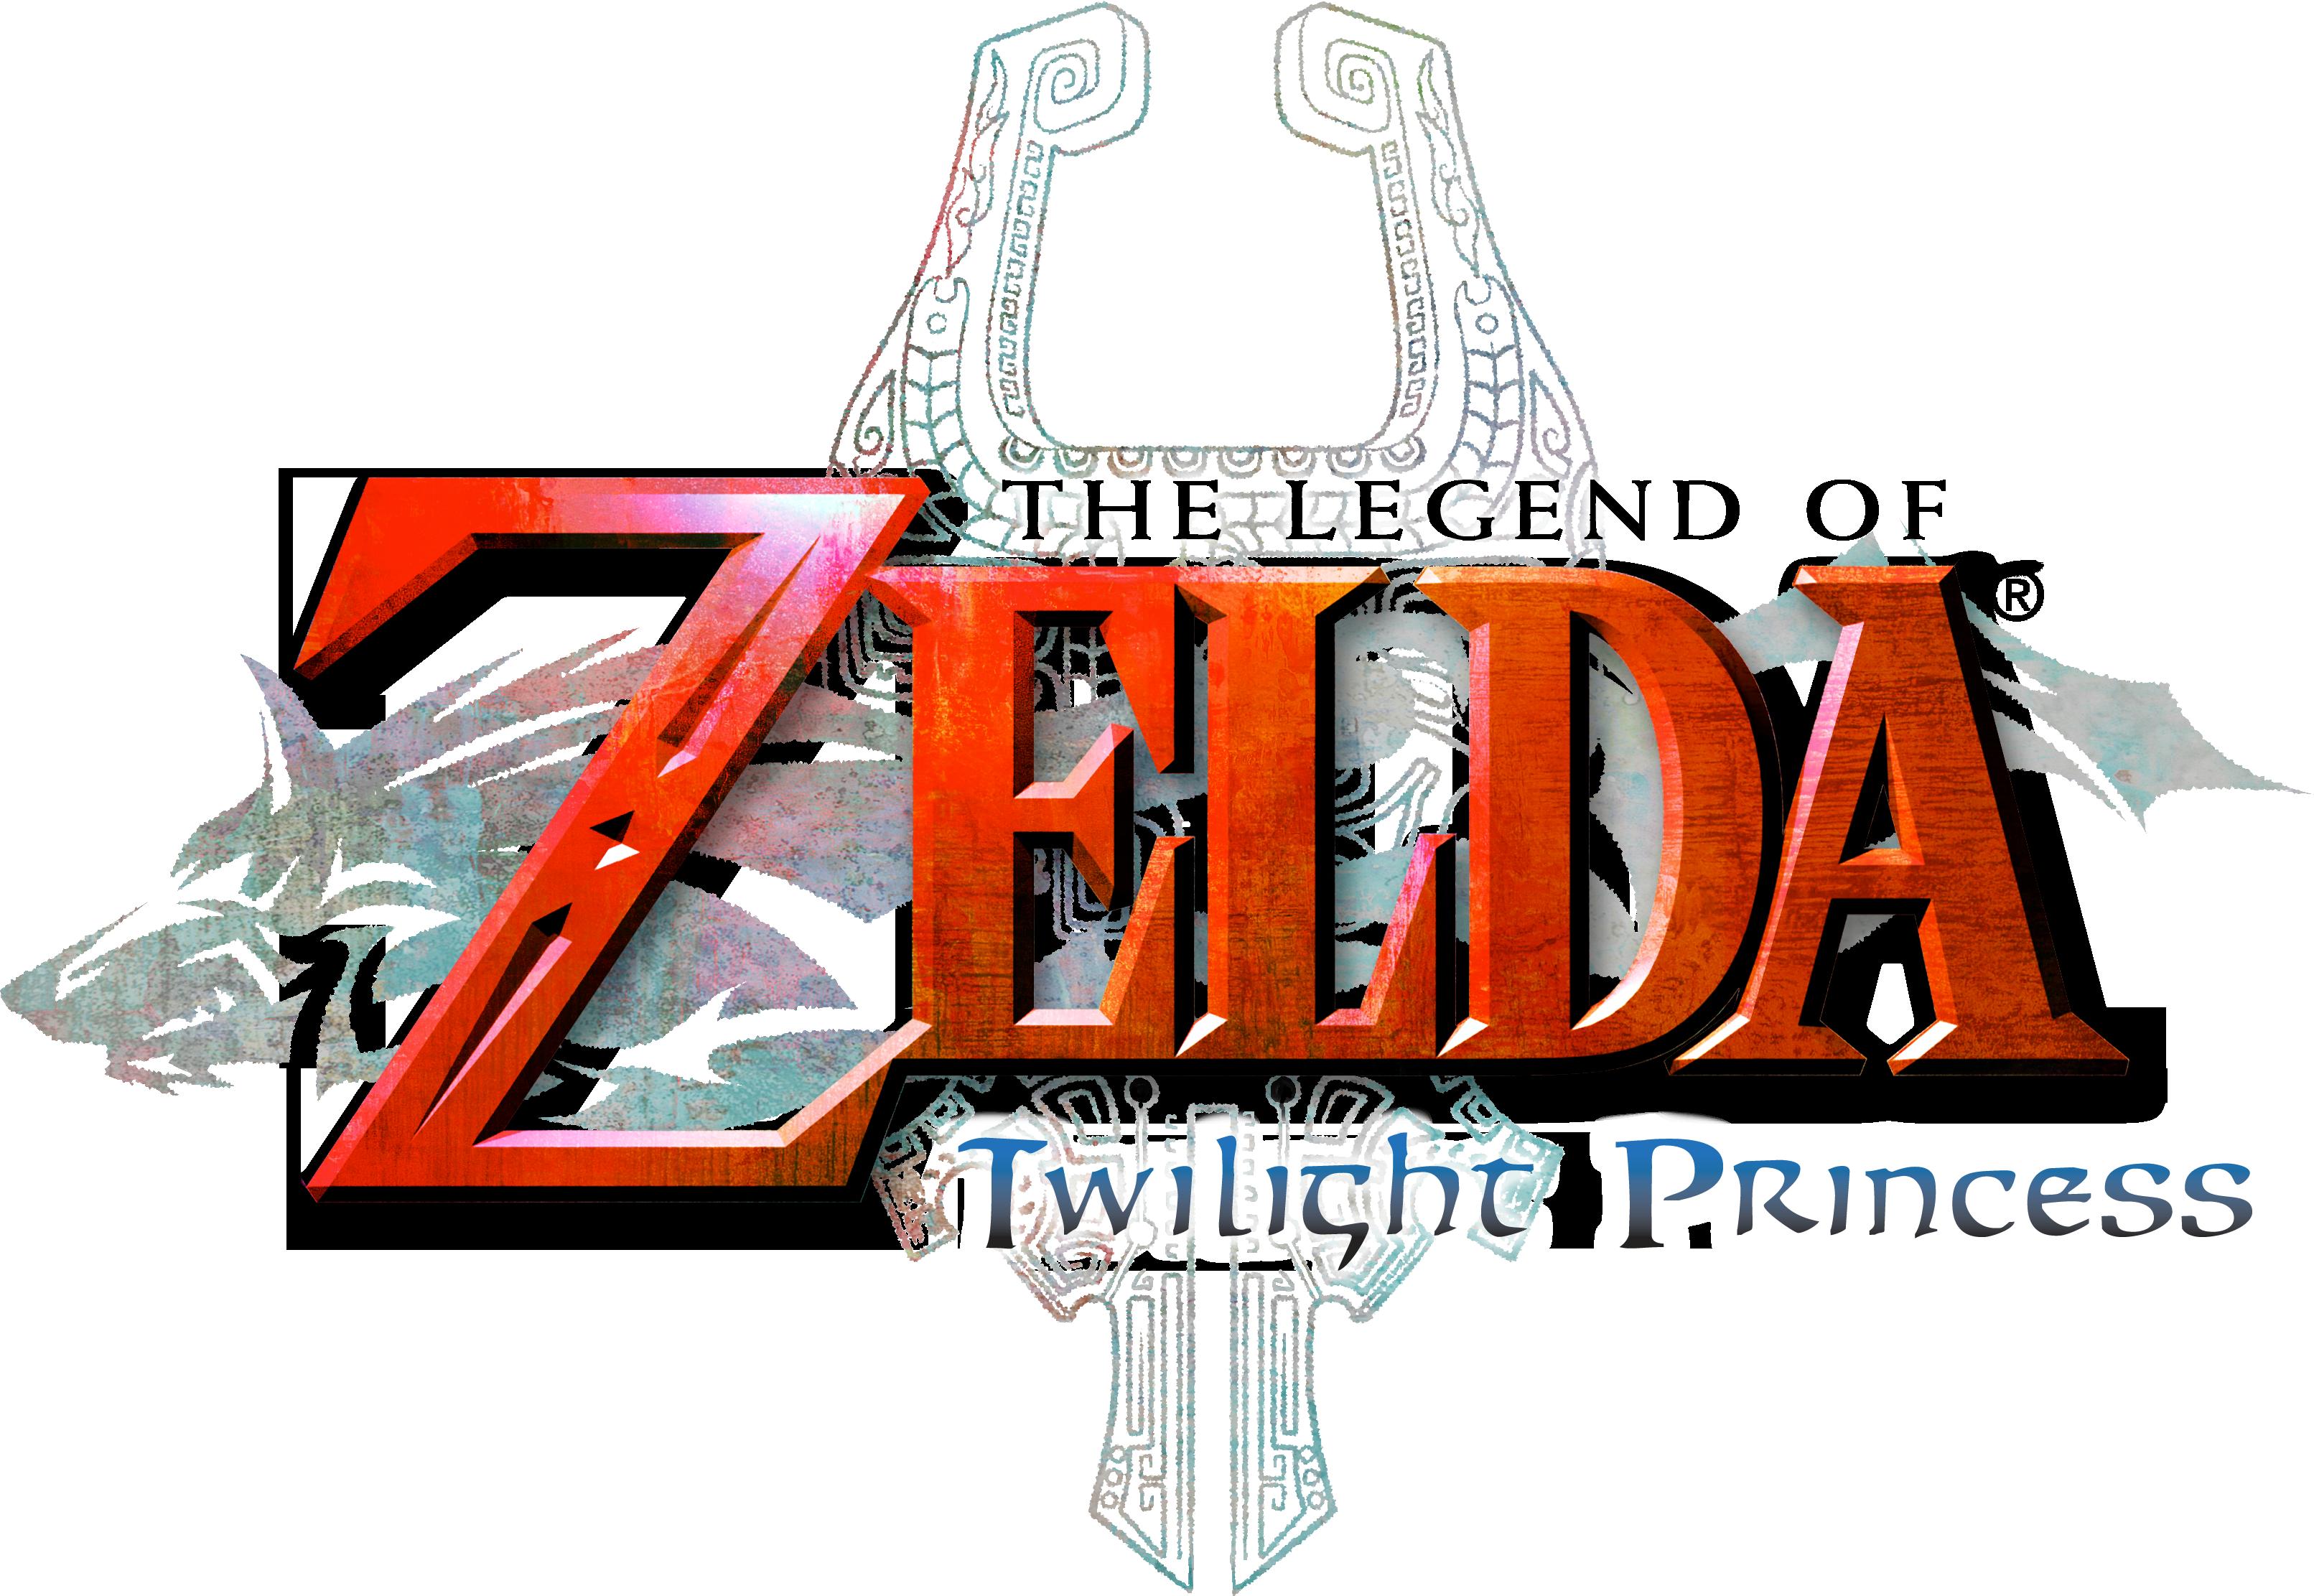 Google Image Result For Http Images1 Wikia Nocookie Net Cb20090417140620 Zelda Images 4 44 The Le Zelda Twilight Princess Legend Of Zelda Twilight Princess